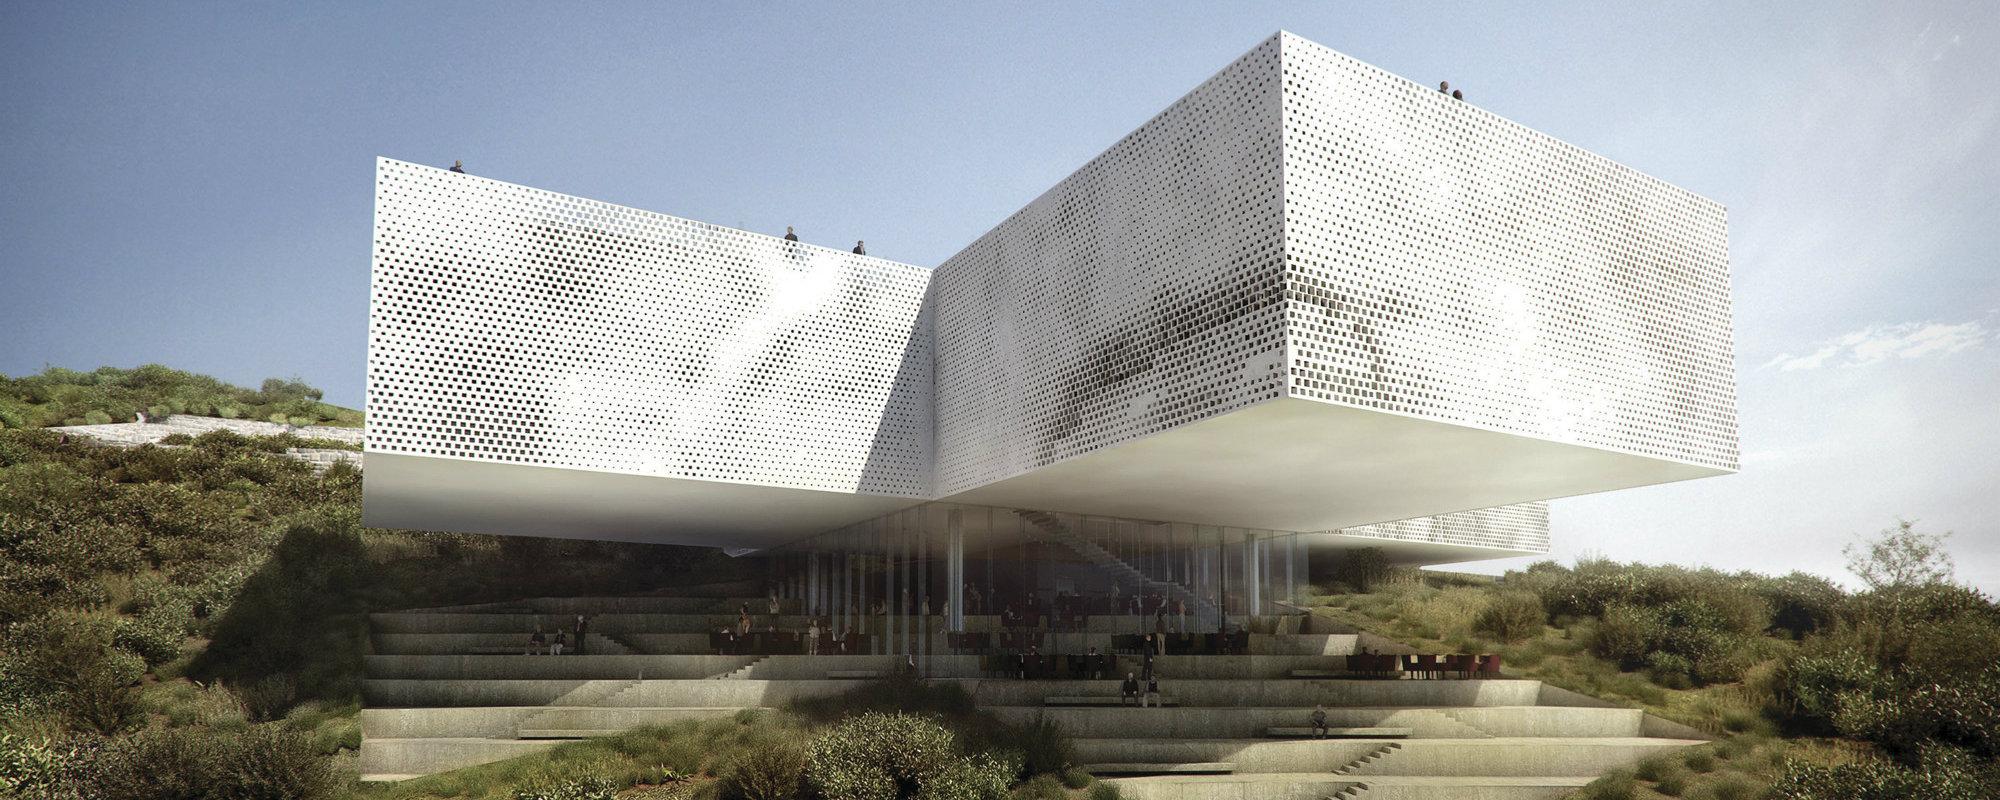 Arquitectura de lujo: Proyectos inspiradores y unicos por Roijkind arquitectura de lujo Arquitectura de lujo: Proyectos inspiradores y unicos por Rojkind Featured 20